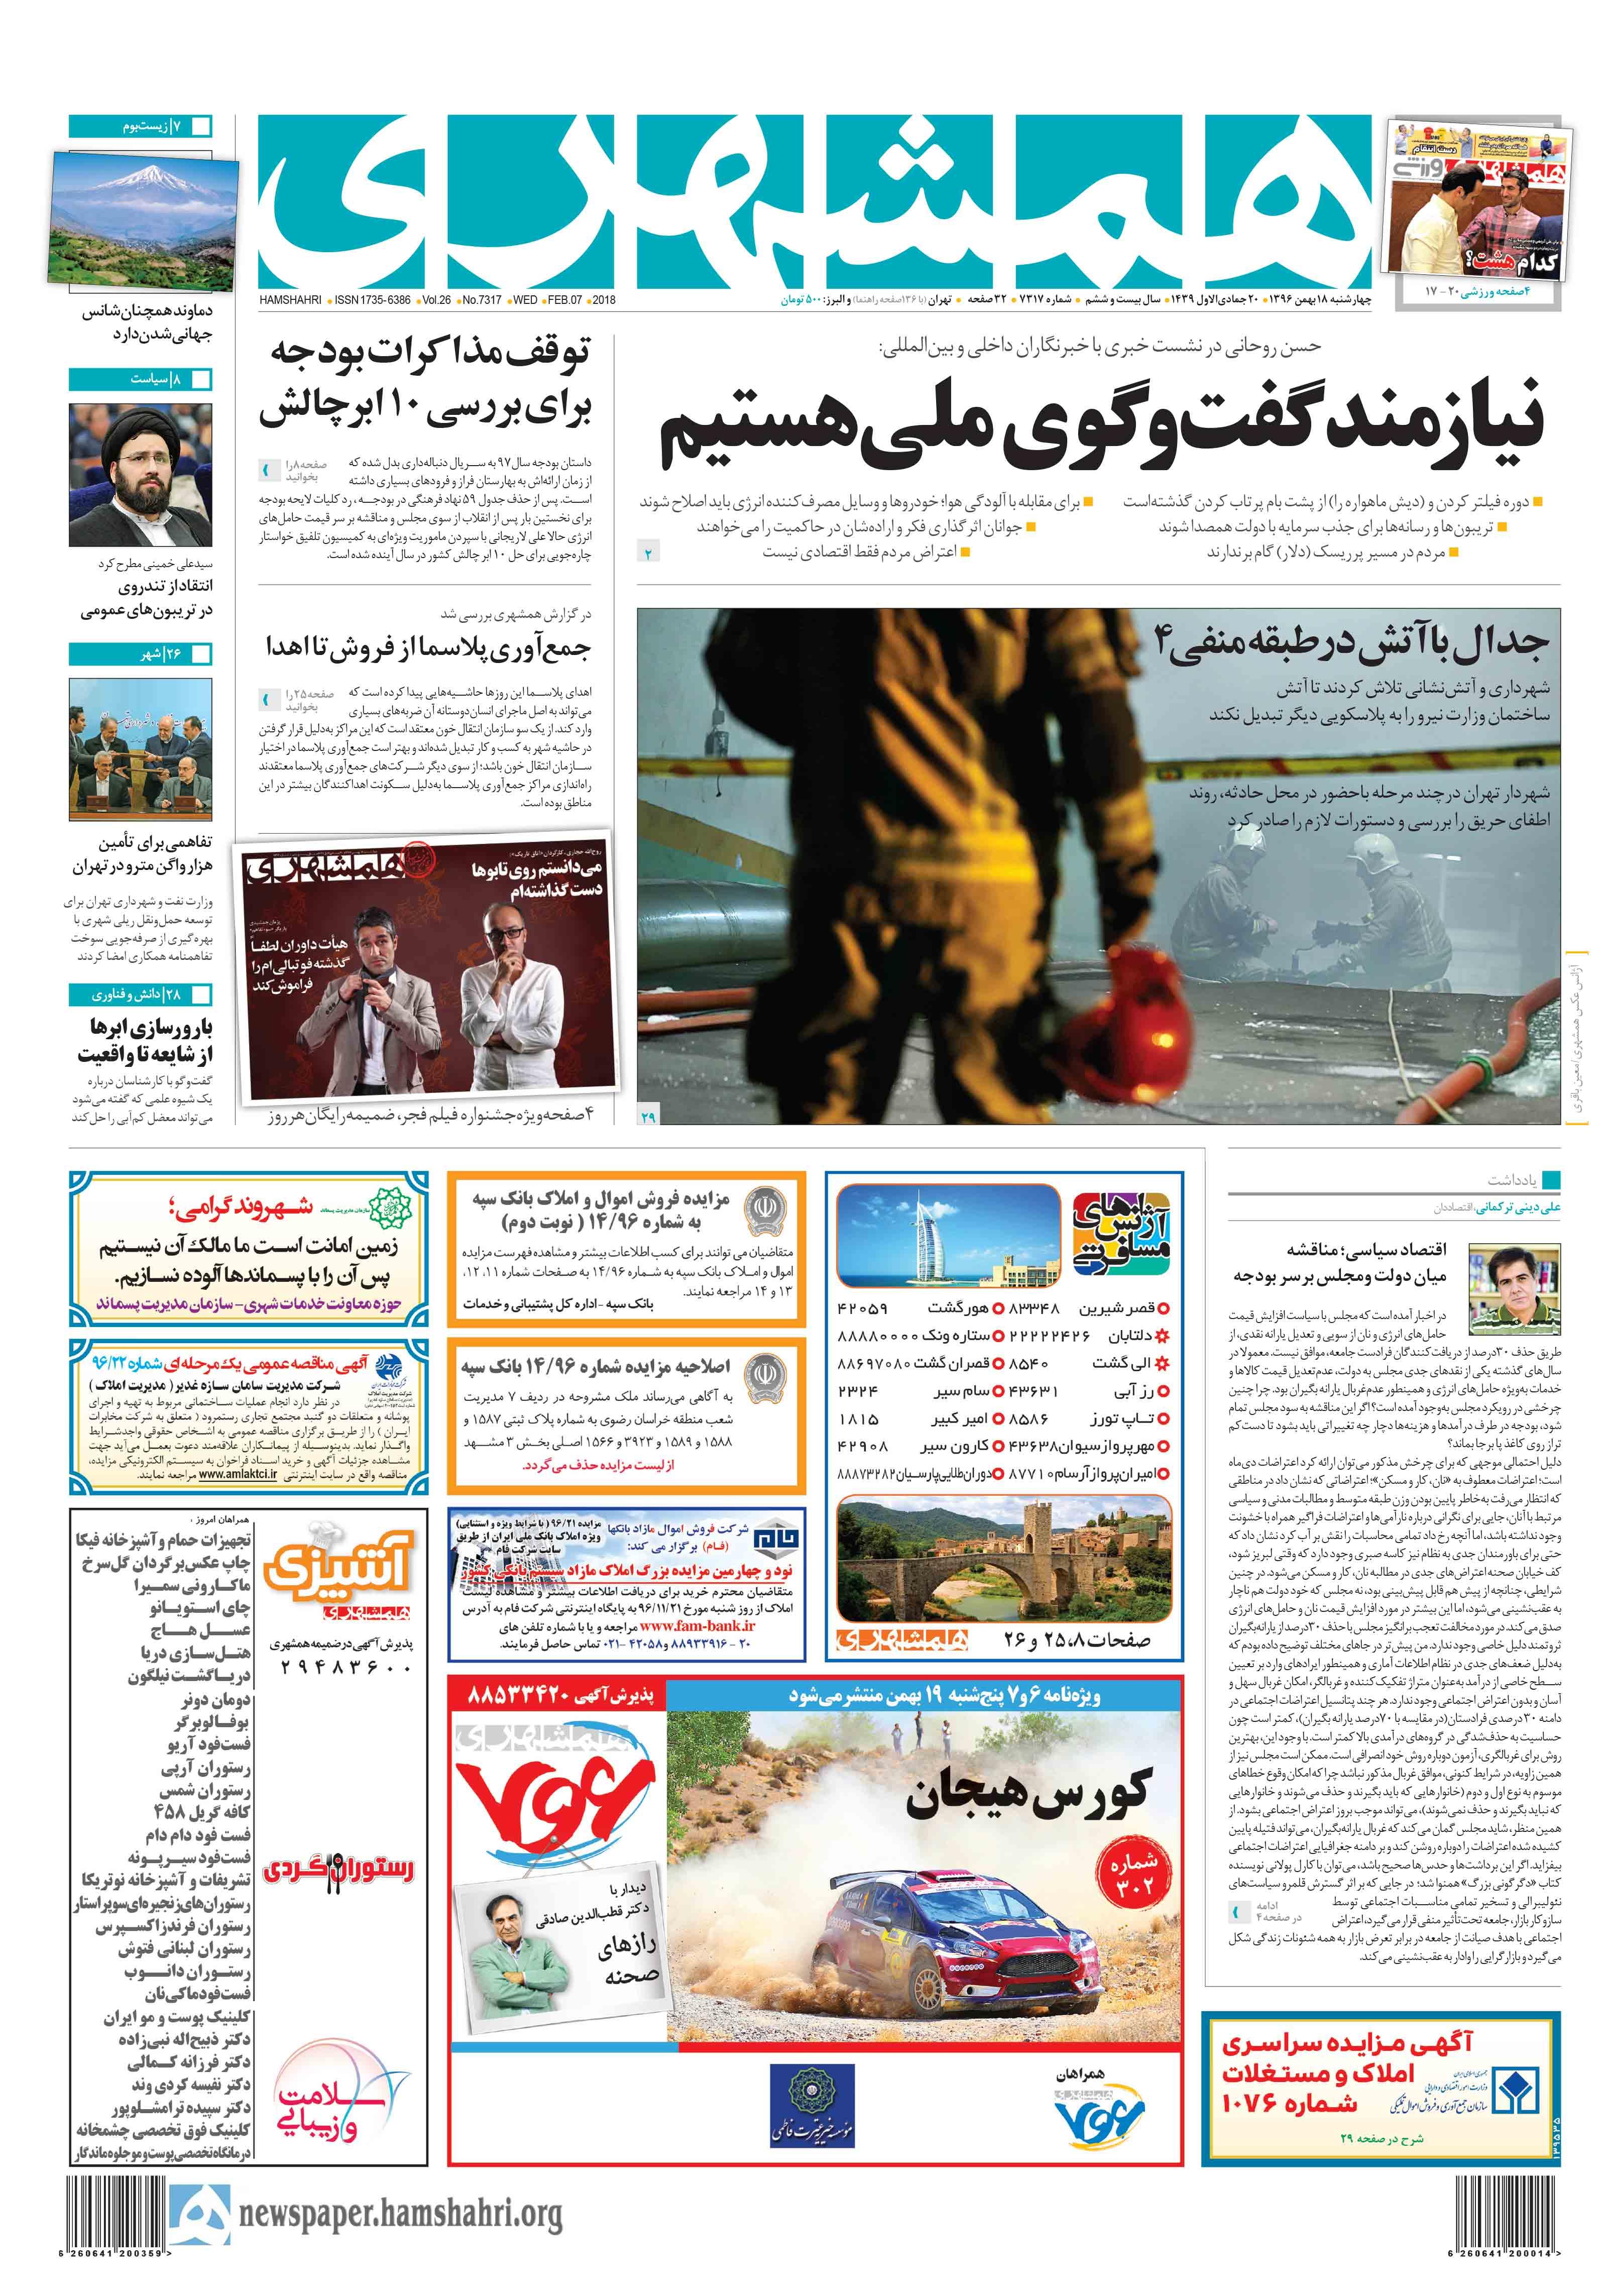 صفحه اول چهارشنبه 18 بهمنماه 1396